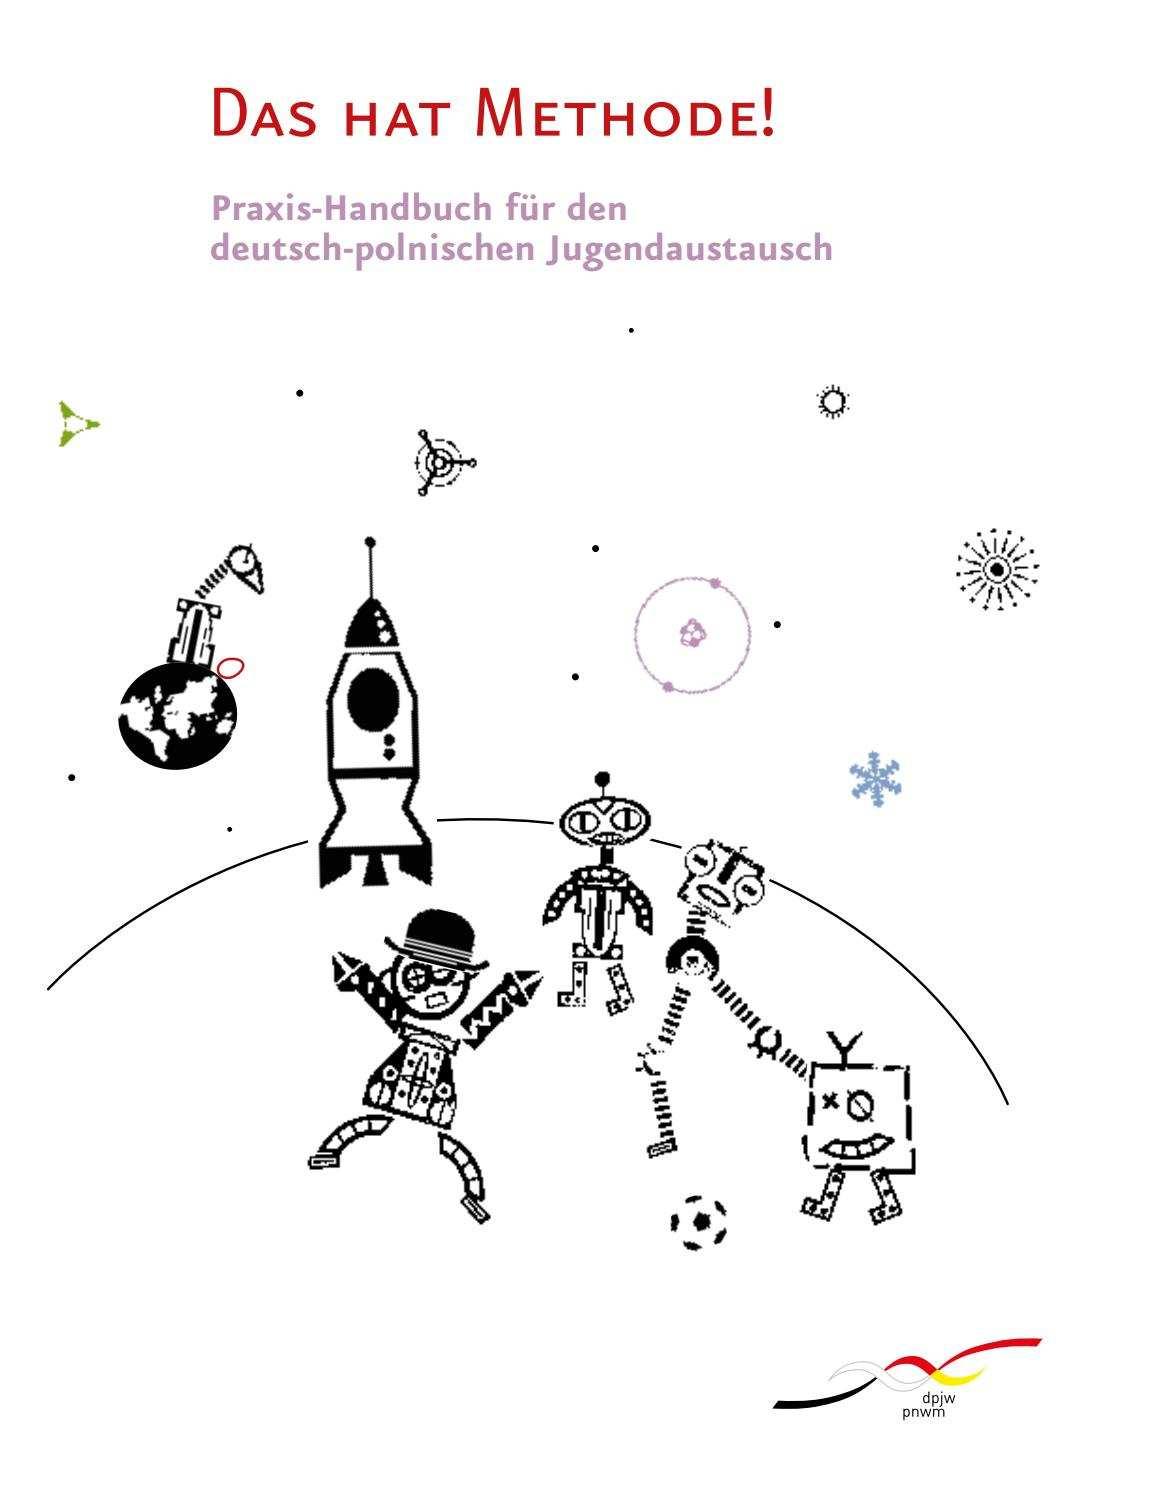 Das Hat Methode Praxis Handbuch Fur Den Deutsch Polnischen Jugendaustausch By Deutsch Polnisches Jugendwerk Polsko Niemiecka Wspolpraca Mlodziezy Issuu